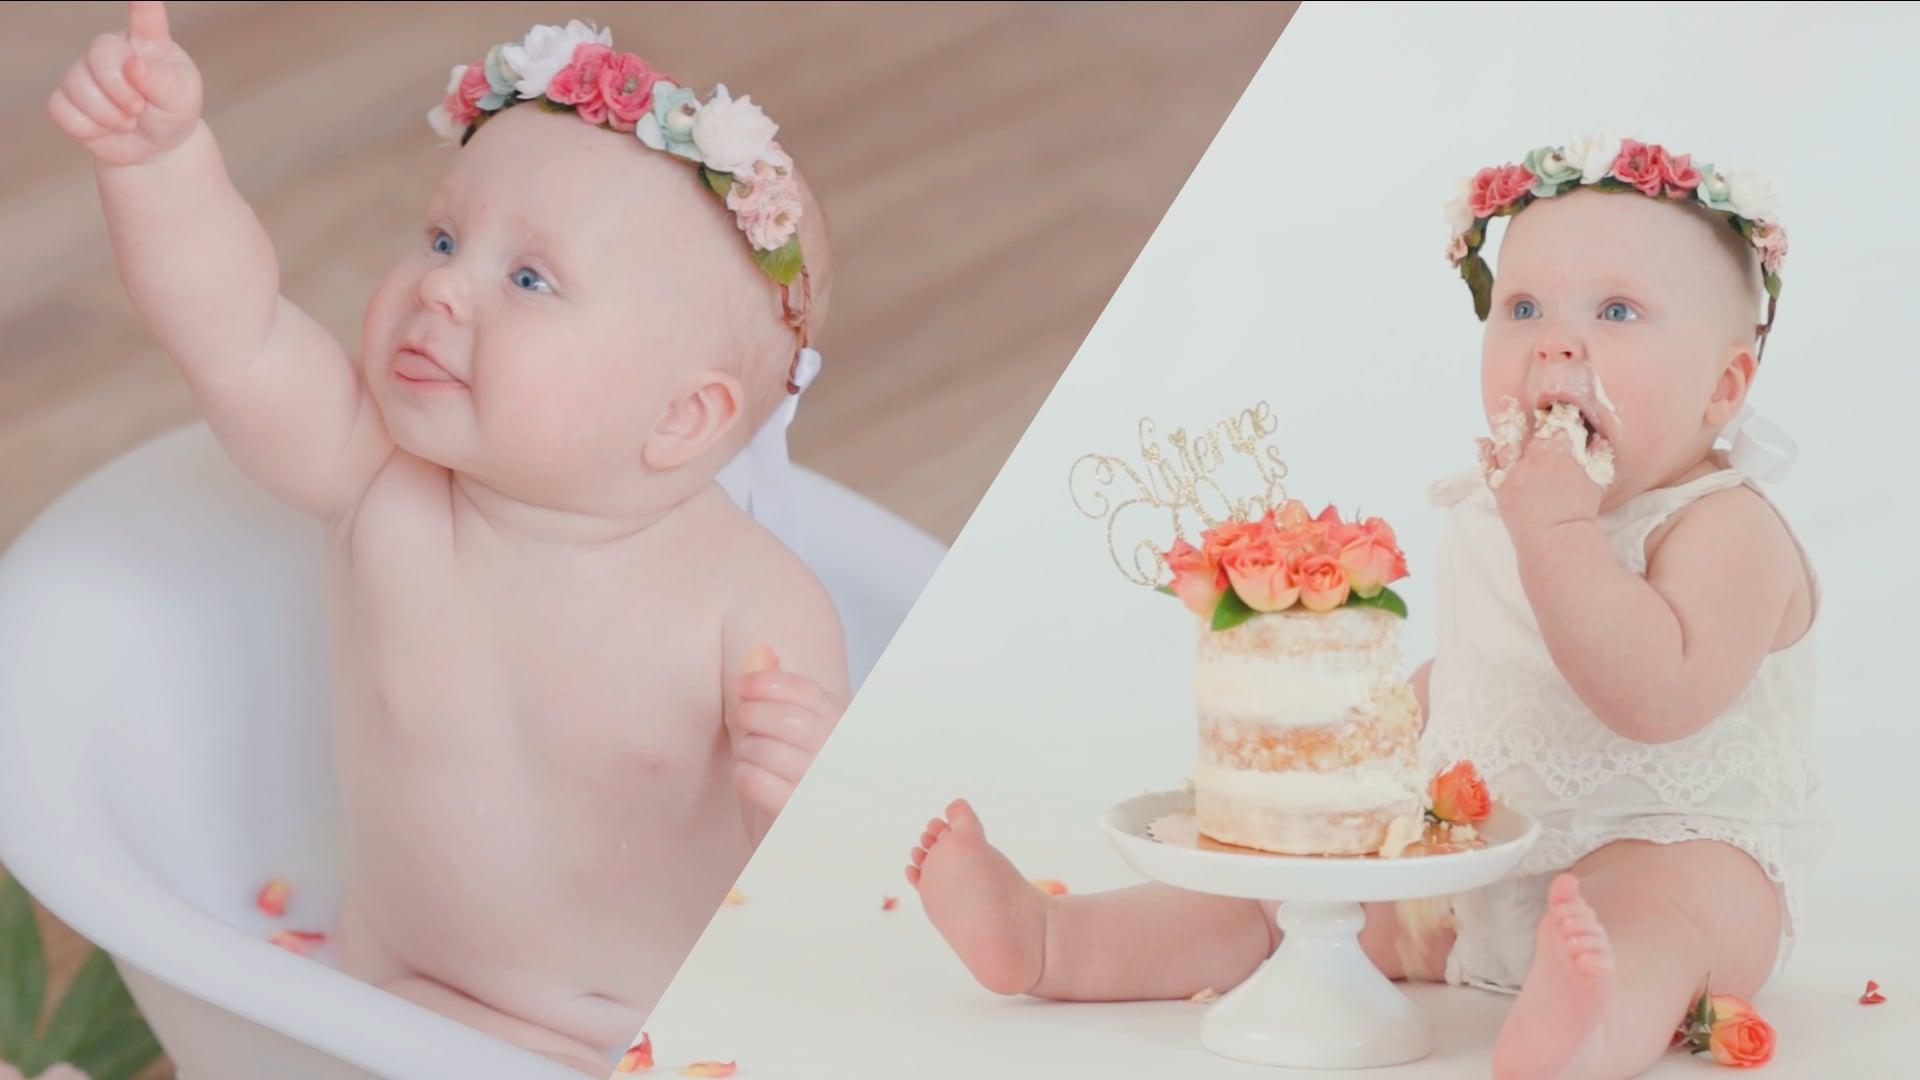 Cake Smash and Bath Time - Sugar Baby Photography